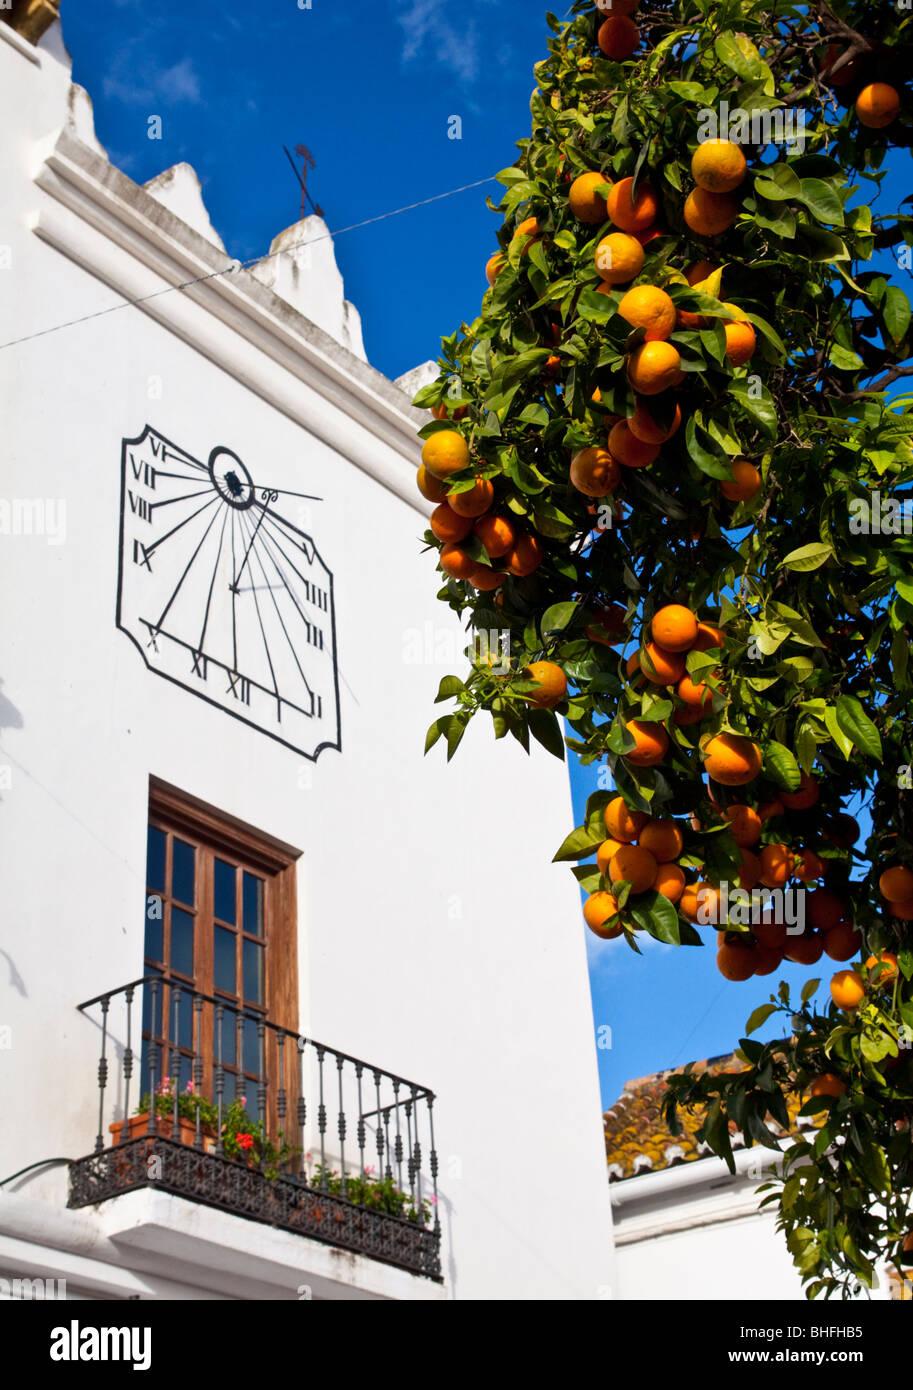 """Suncial sul balcone a 'La Plaza de los Naranjos"""" (Marbella Costa del Sol) - Andalusia, Spagna Immagini Stock"""